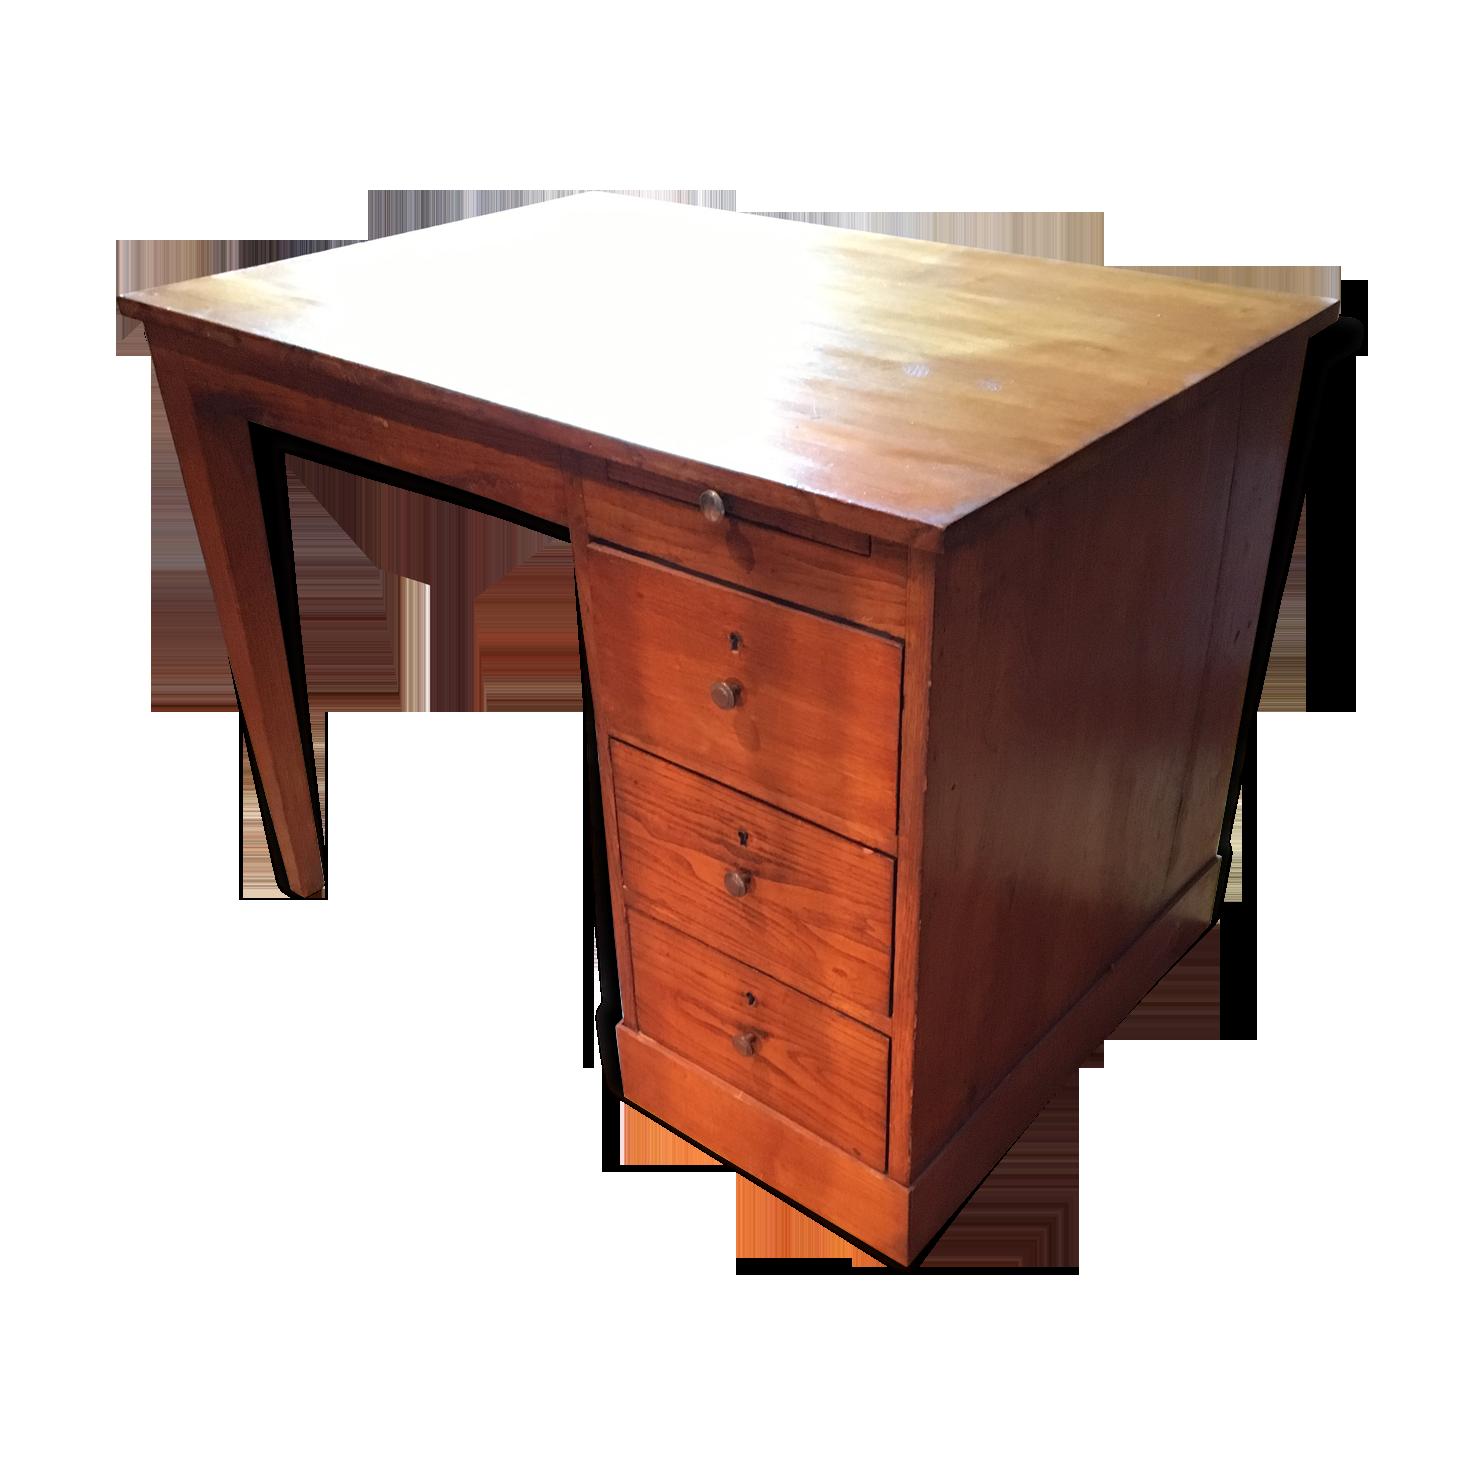 Bureau chêne massif année bois matériau bois couleur